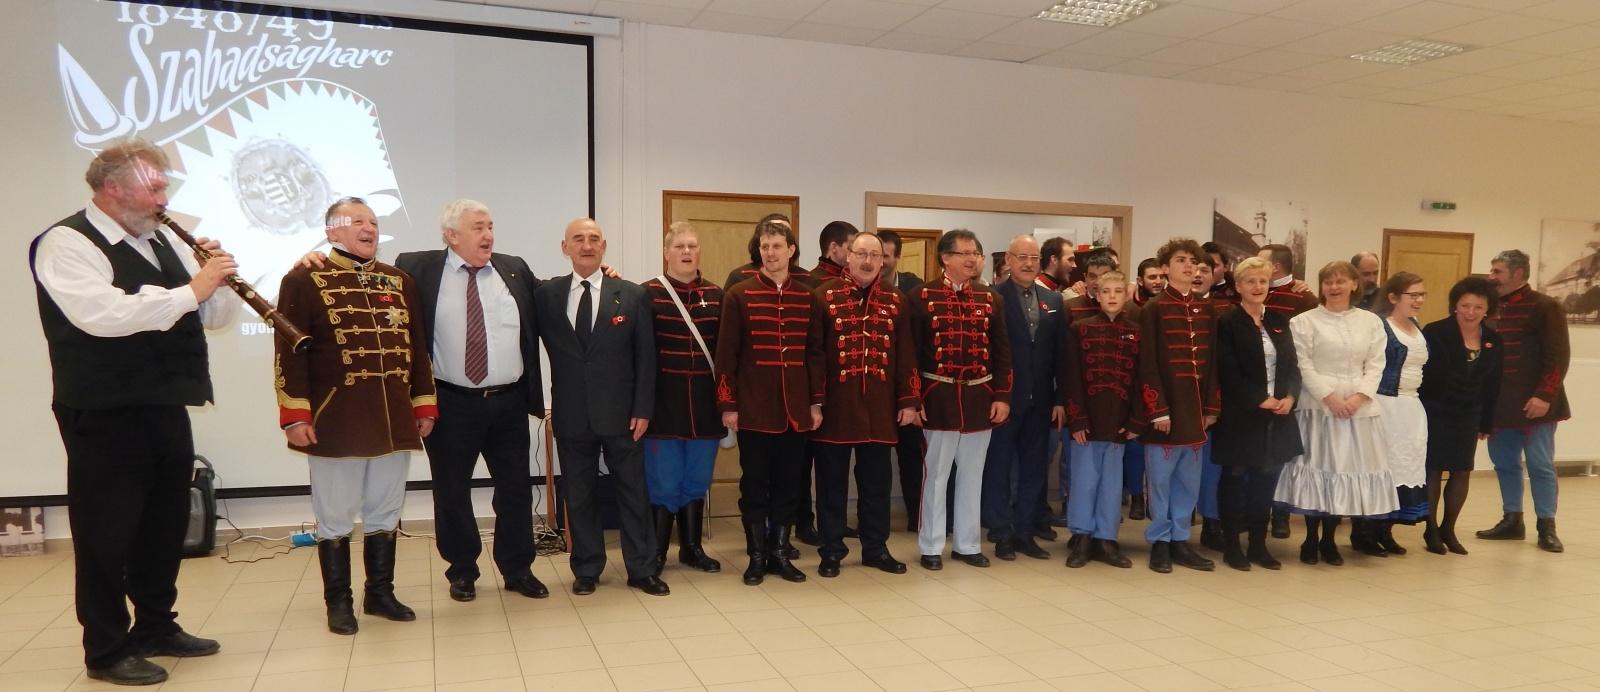 Szegedi III. Honvéd zászlóalj 20. jubileumi ünnepsége - 2018.02.24.